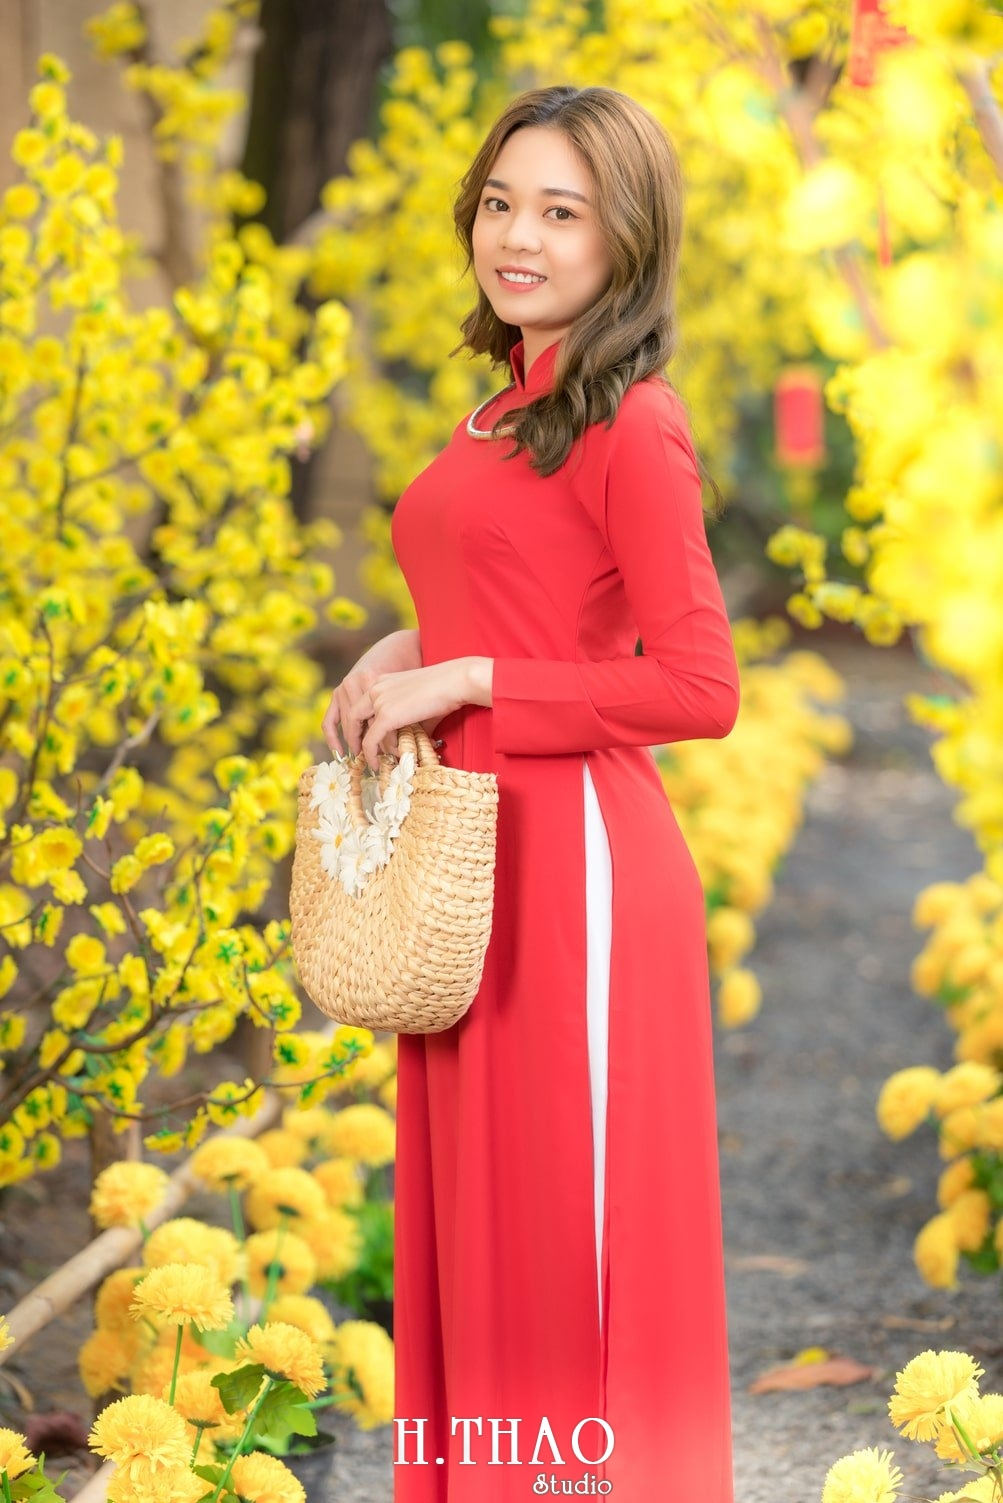 Ao dai tet do 6 - Top 40 ảnh áo dài chụp với Hoa đào, hoa mai tết tuyệt đẹp- HThao Studio